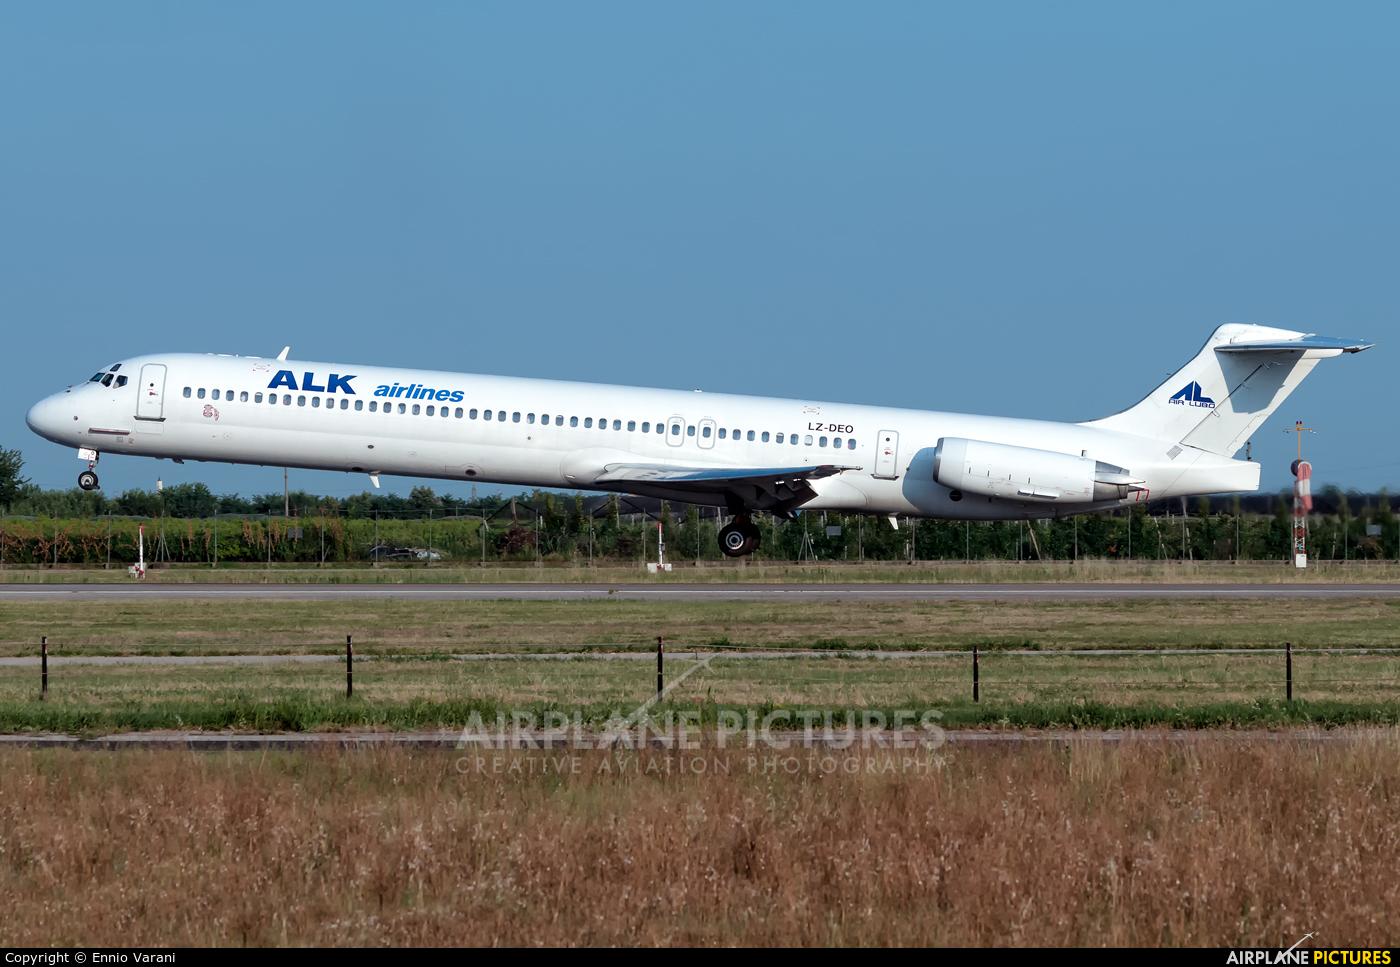 ALK Airlines LZ-DEO aircraft at Verona - Villafranca